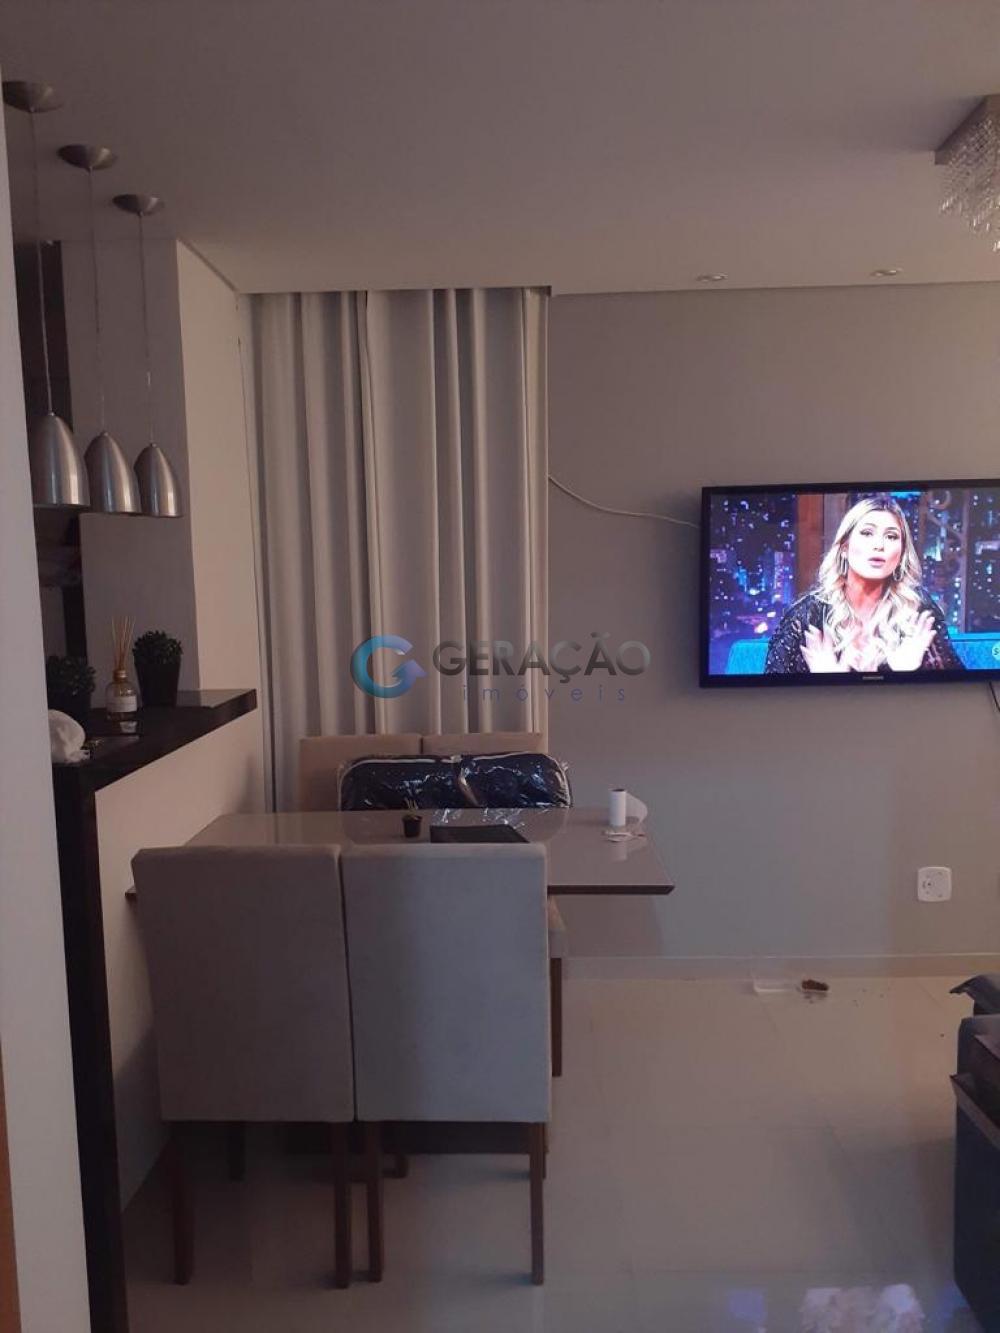 Comprar Apartamento / Padrão em São José dos Campos R$ 170.000,00 - Foto 12